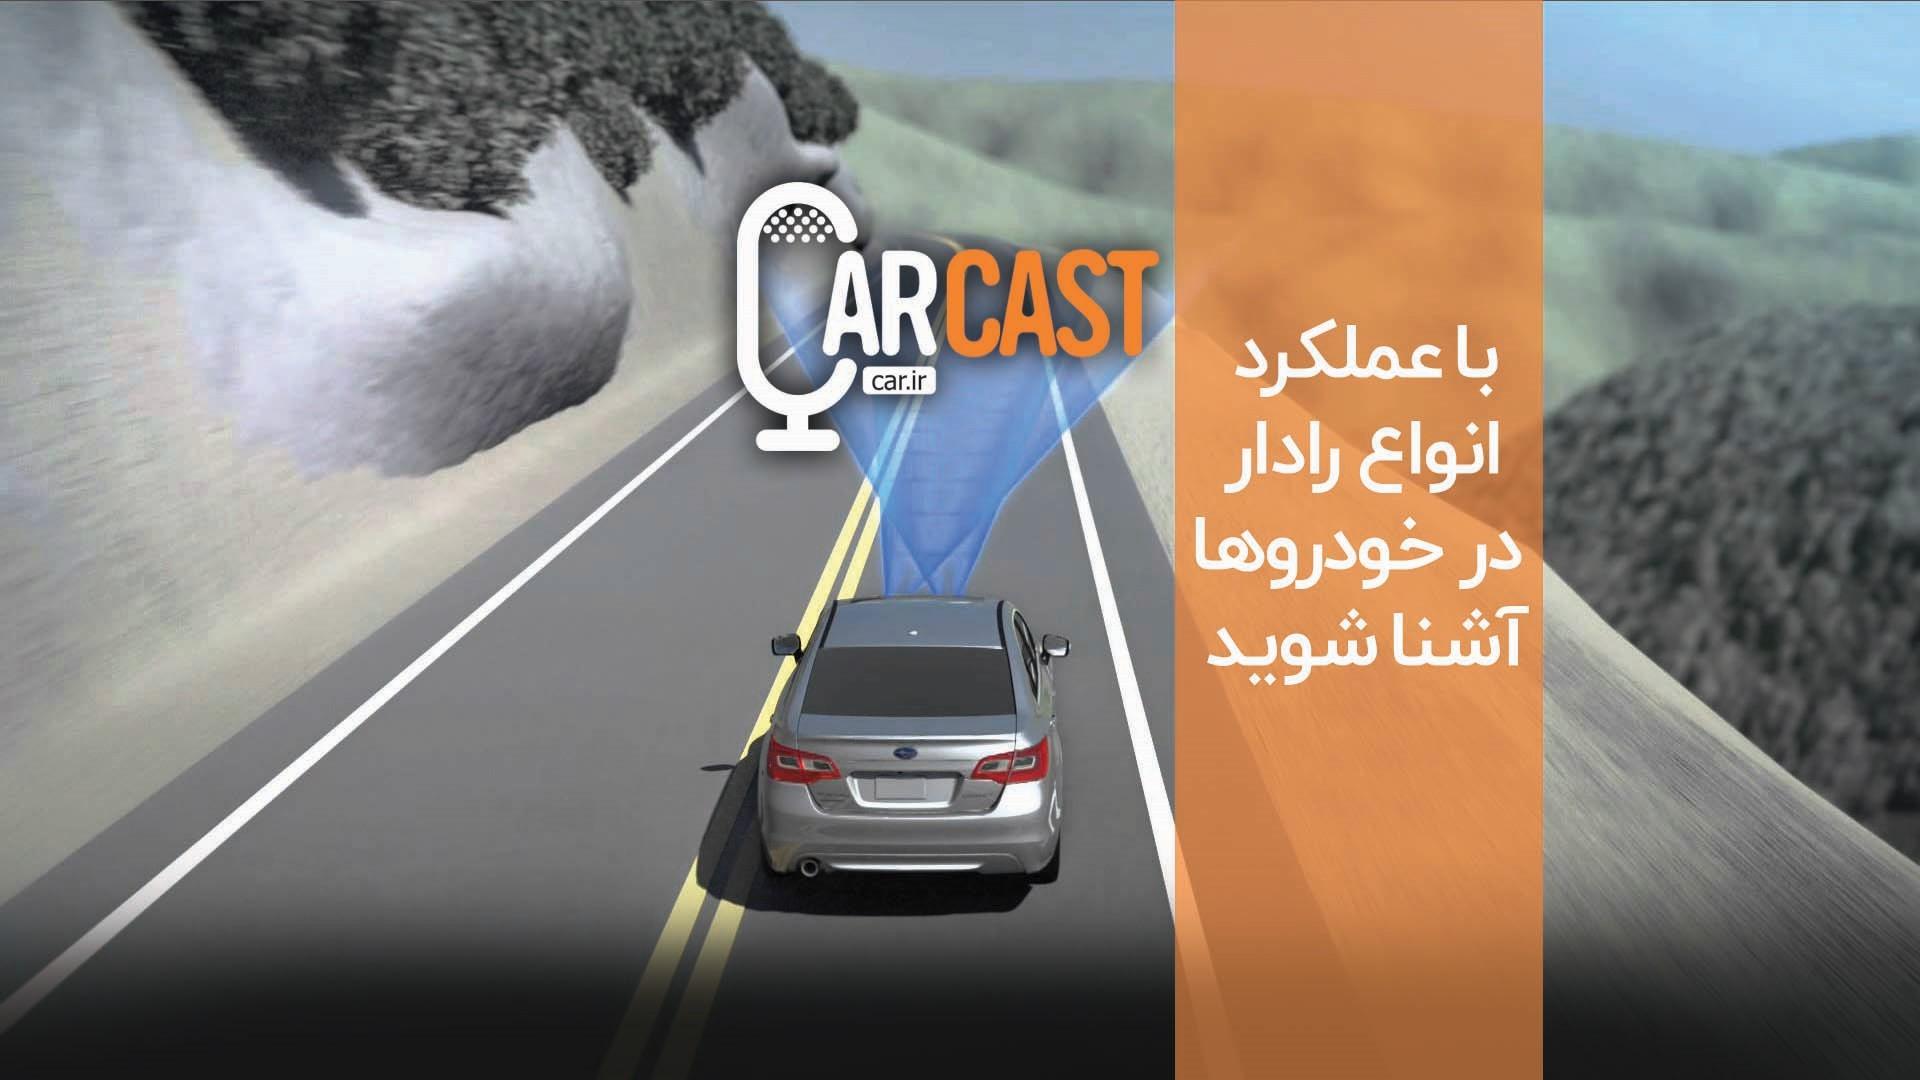 کارکست شماره 13: آشنایی با عملکرد انواع رادار خودرو ها